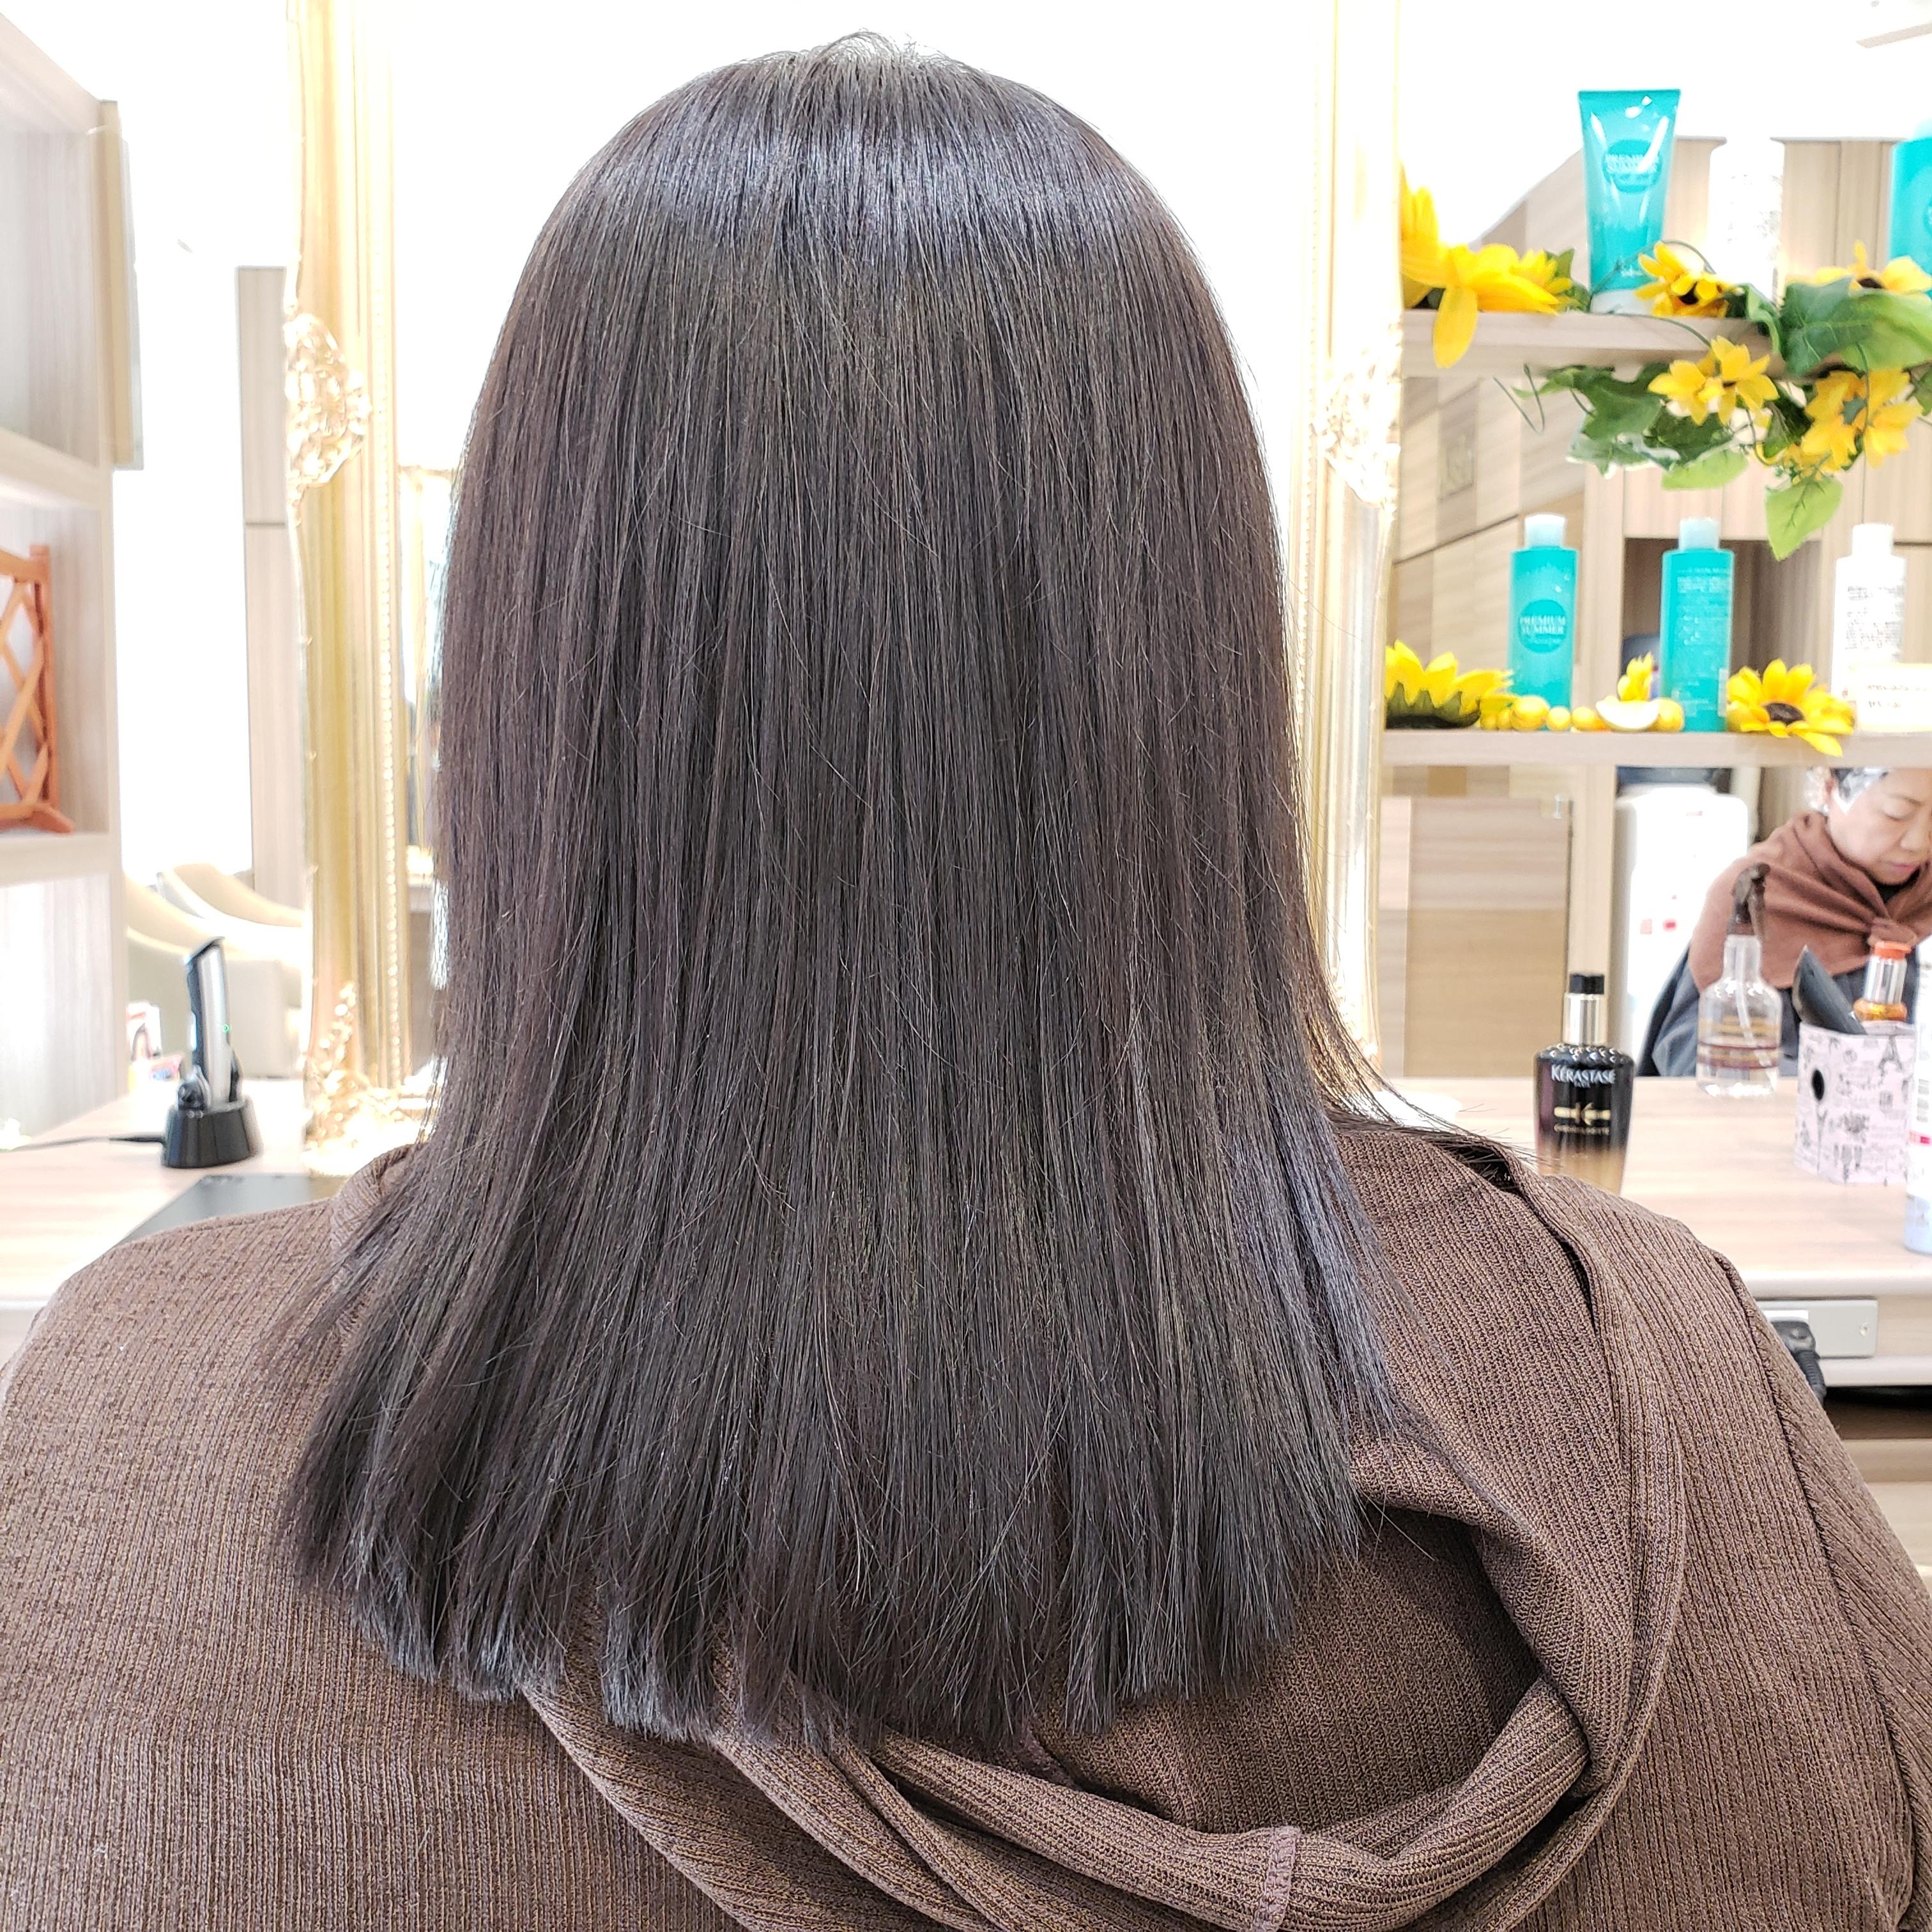 【軟毛くせ毛の方必見】軟毛くせ毛の方に髪質改善縮毛矯正をかけてみた結果は?